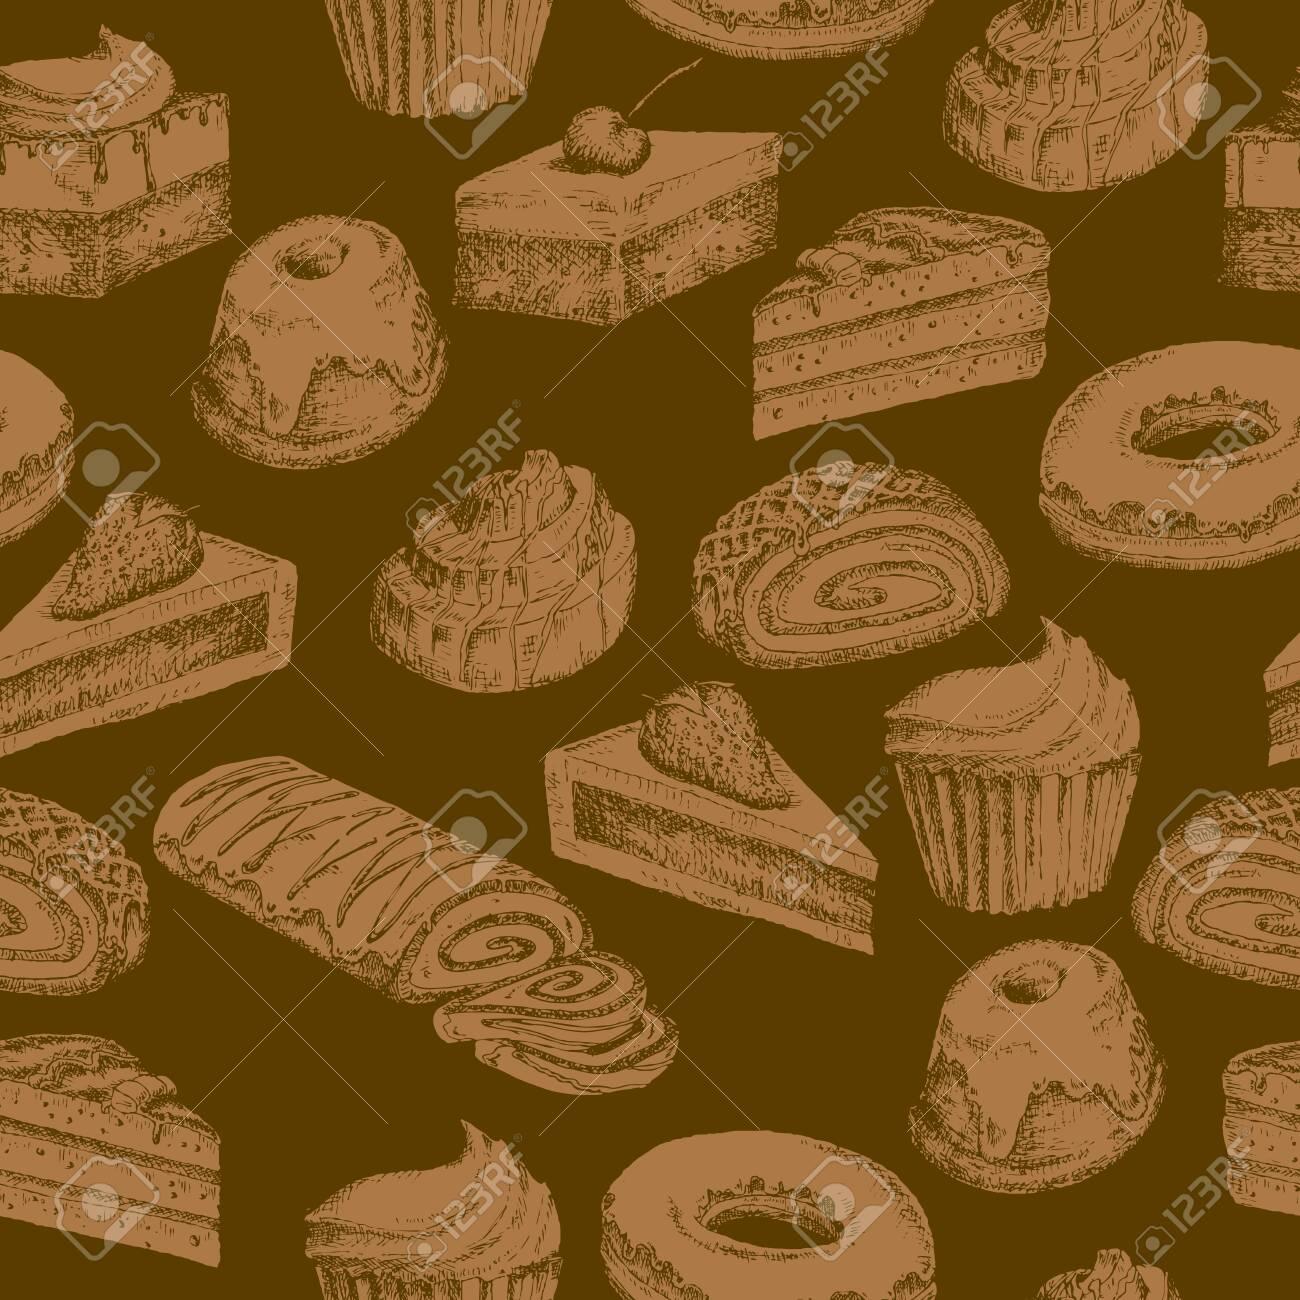 シームレスなケーキの壁紙のイラスト素材 ベクタ Image